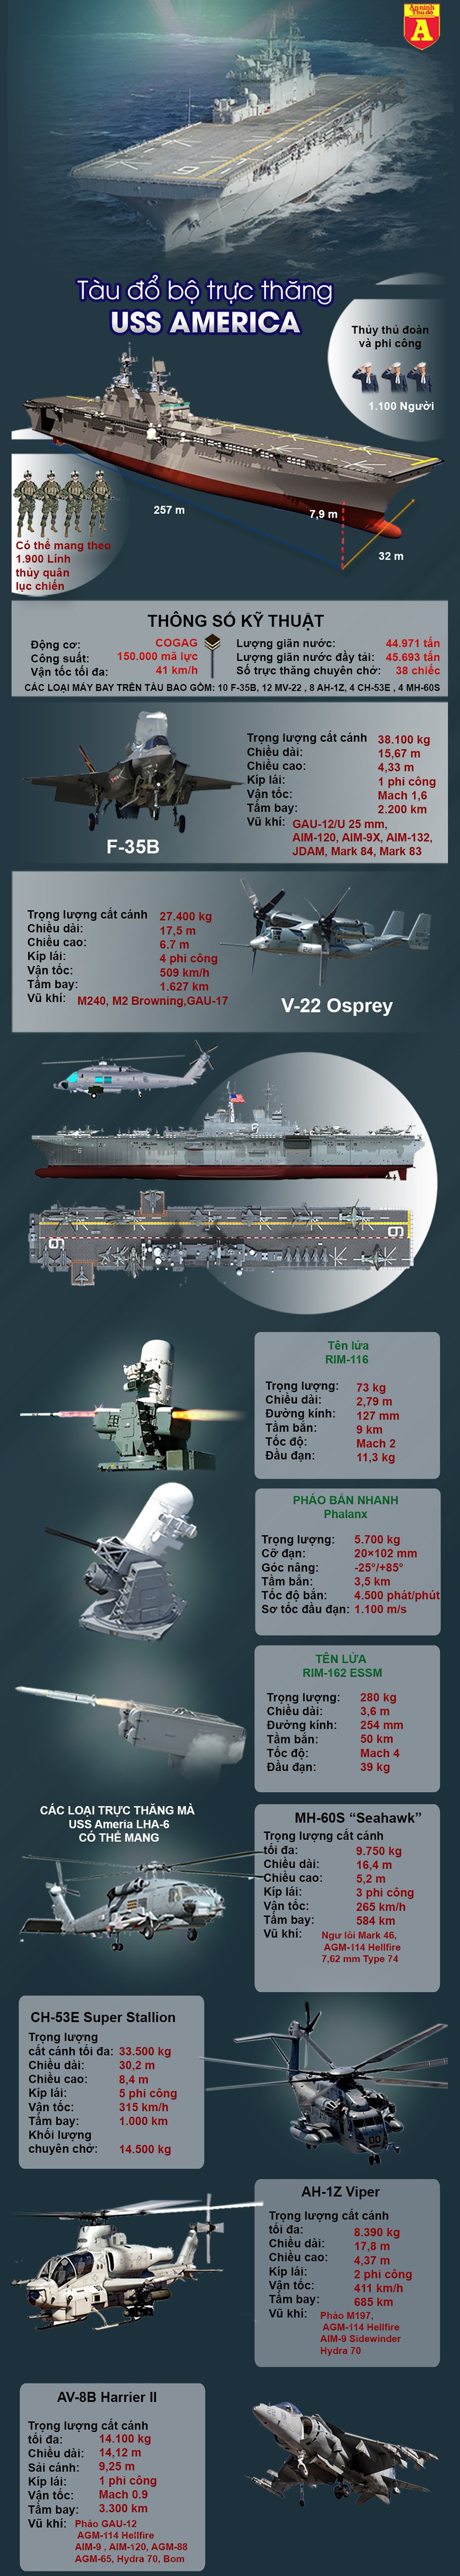 [Infographics] Trung Quốc lo ngại khi Mỹ điều siêu tàu đổ bộ chất đầy F-35B tới Thái Bình Dương - Ảnh 1